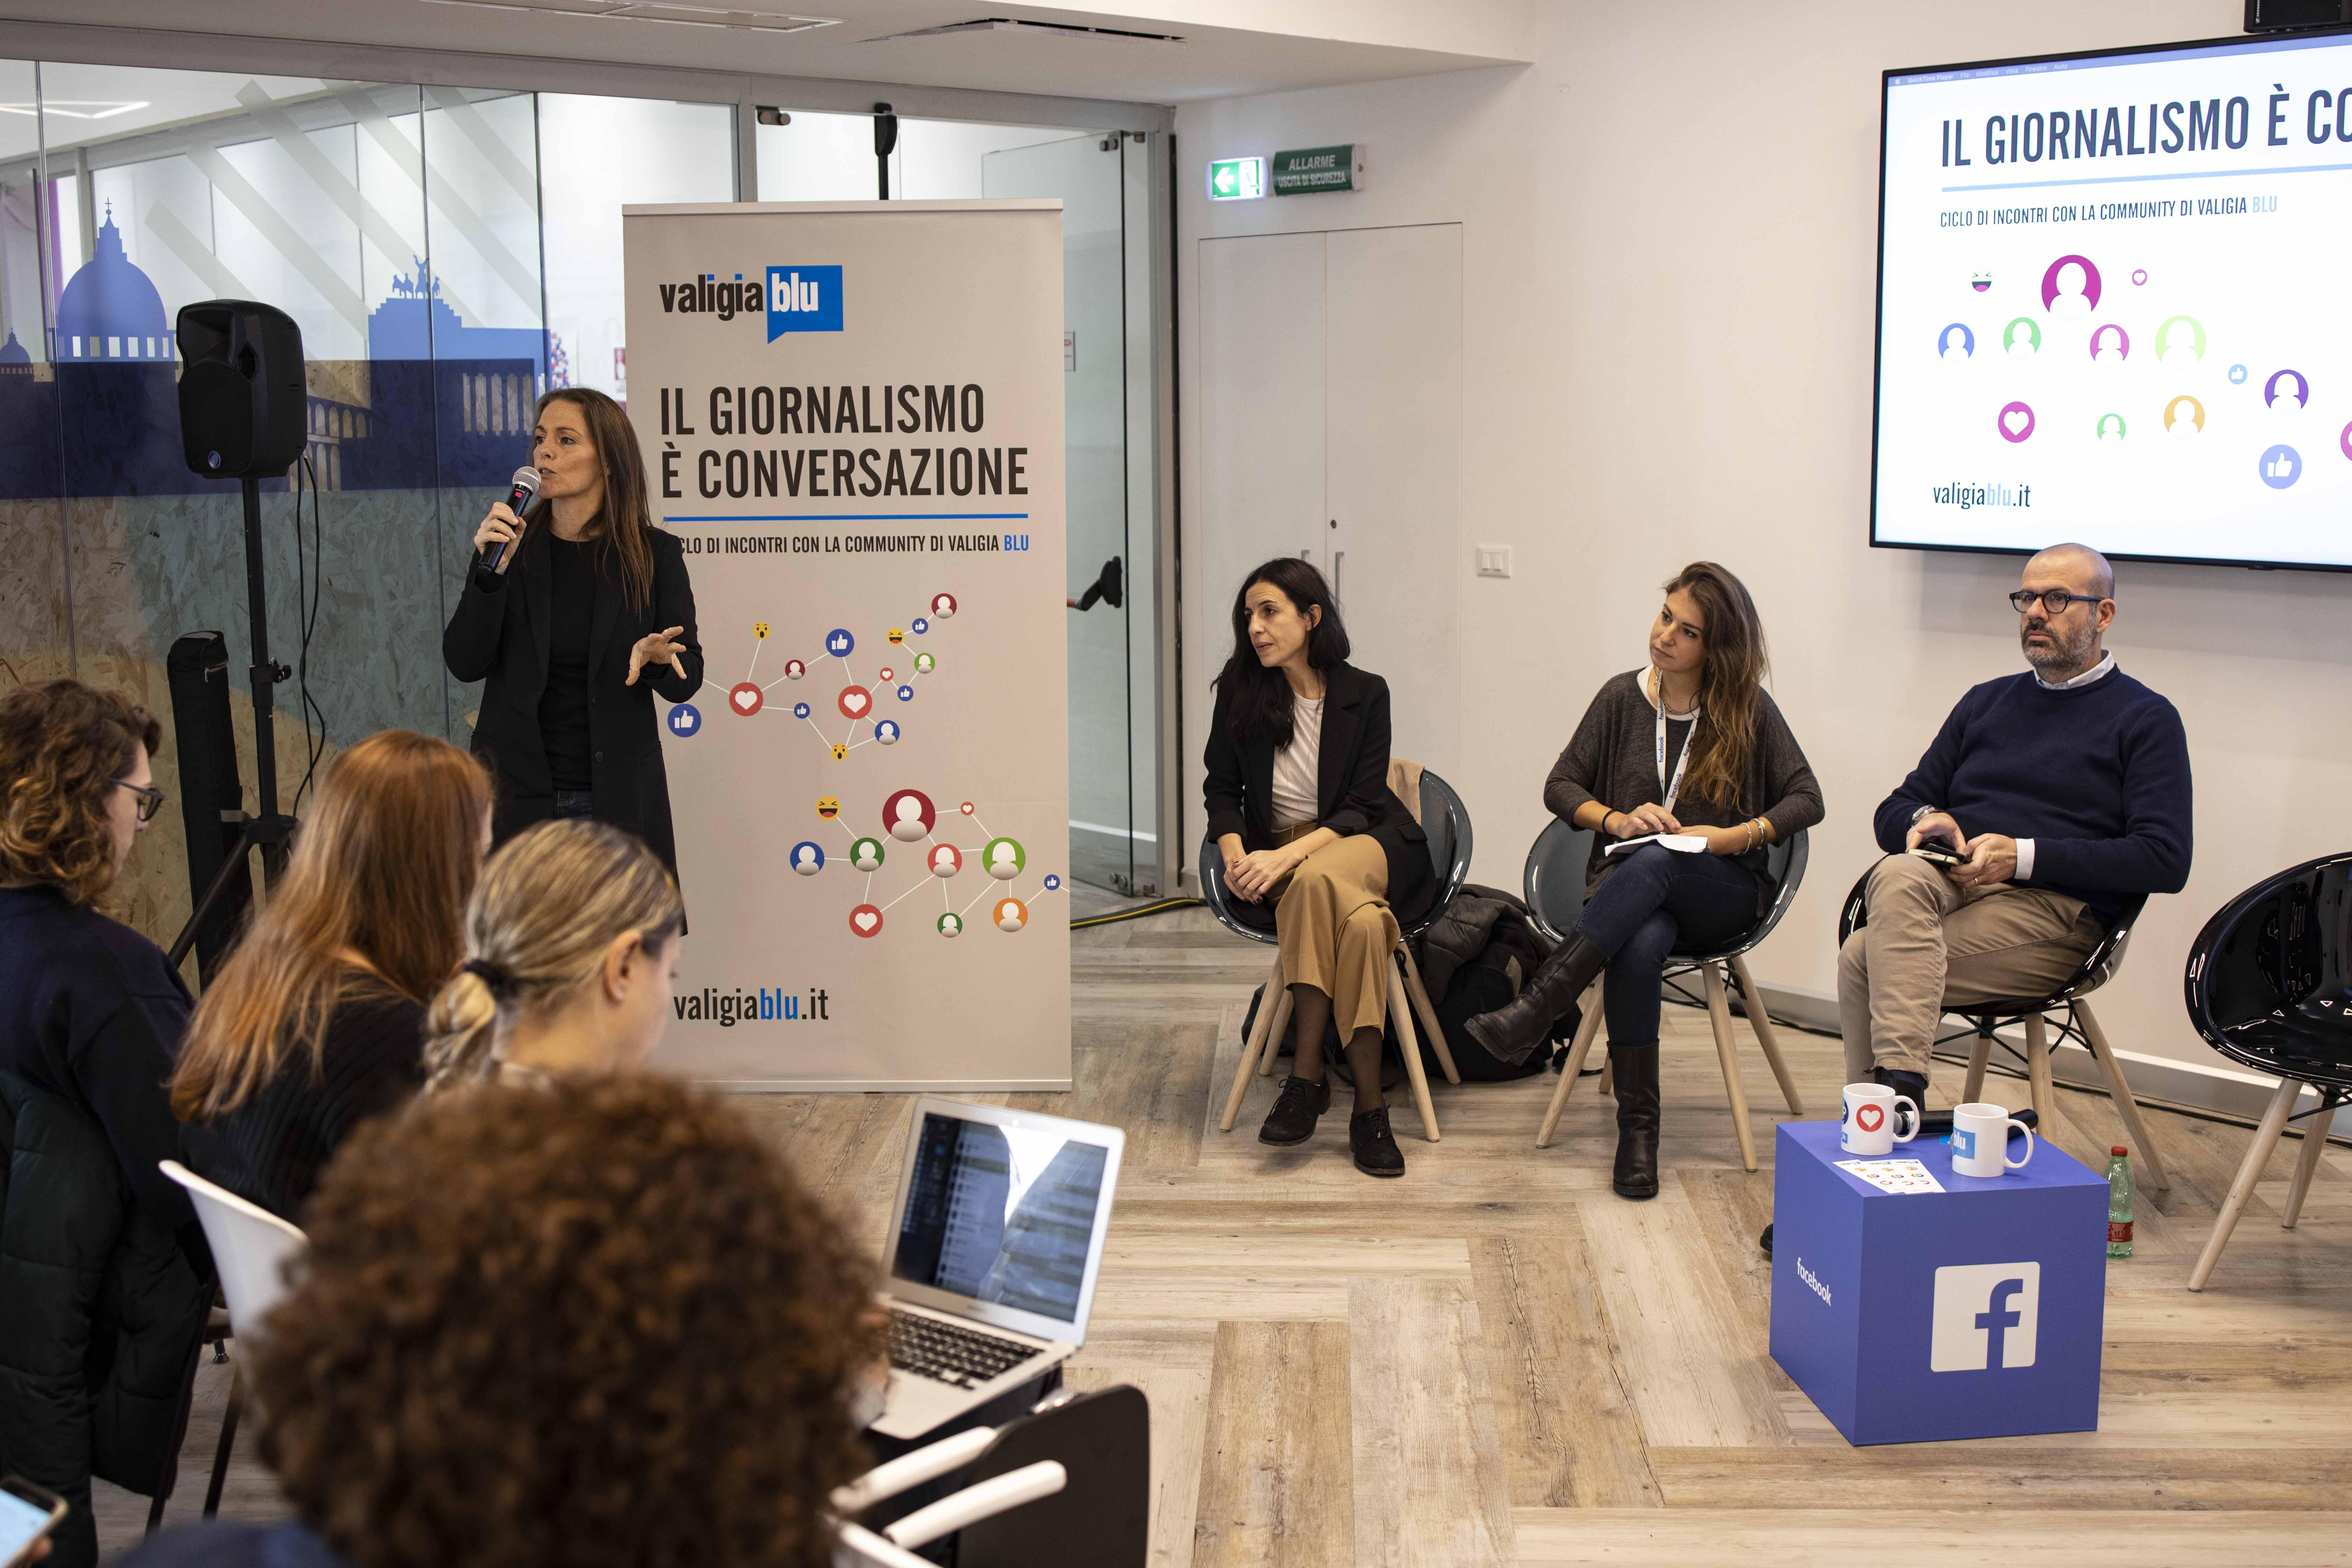 Nello Scavo, Francesca Mannocchi, Arianna Ciccone, Valigia Blu, Roma, migranti, binario F, Facebook